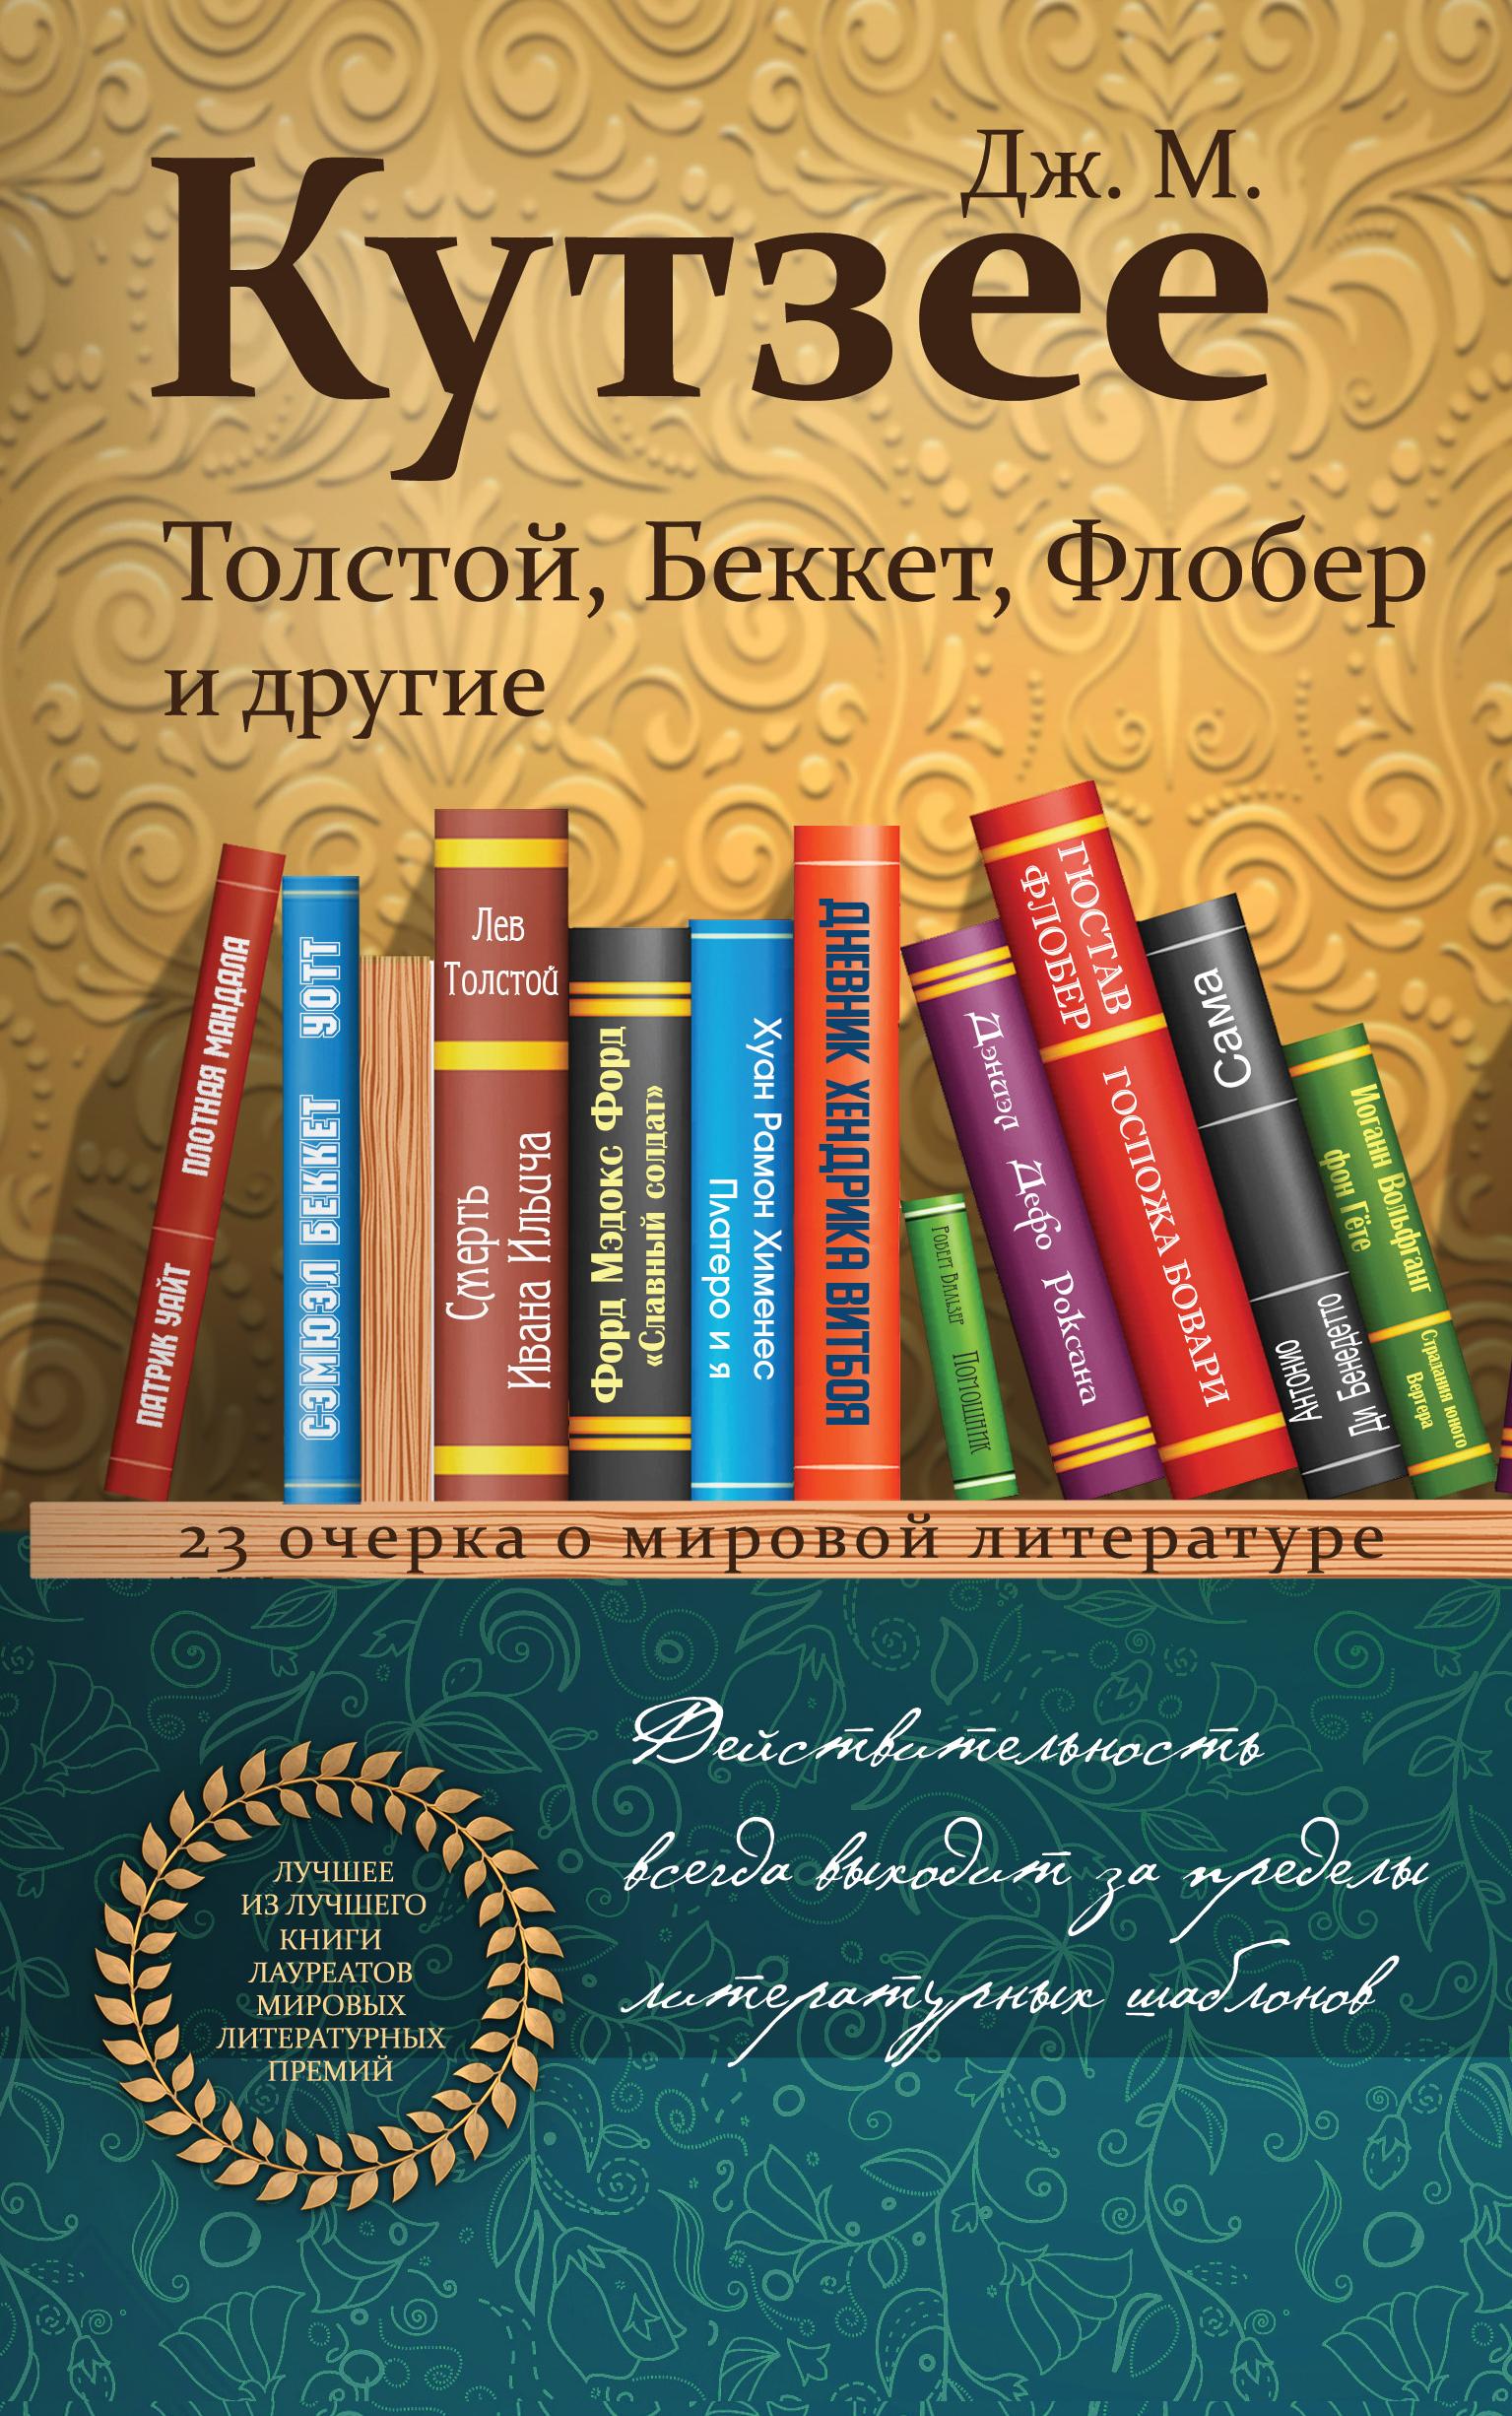 tolstoy bekket flober i drugie 23 ocherka o mirovoy literature